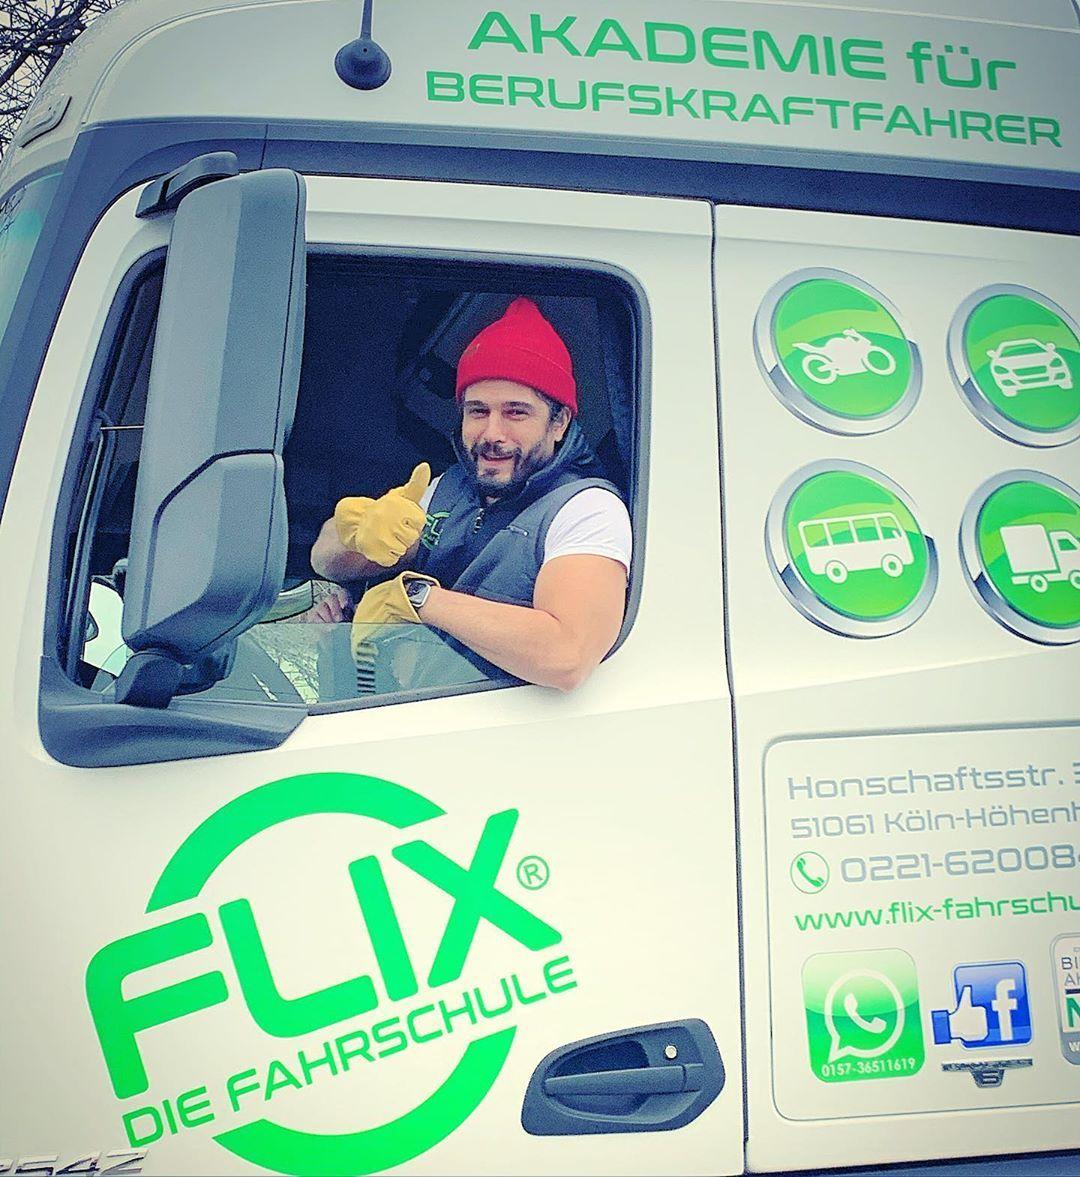 Ünlü oyuncu Haluk Piyes kamyon şoförü oldu - Sayfa:1